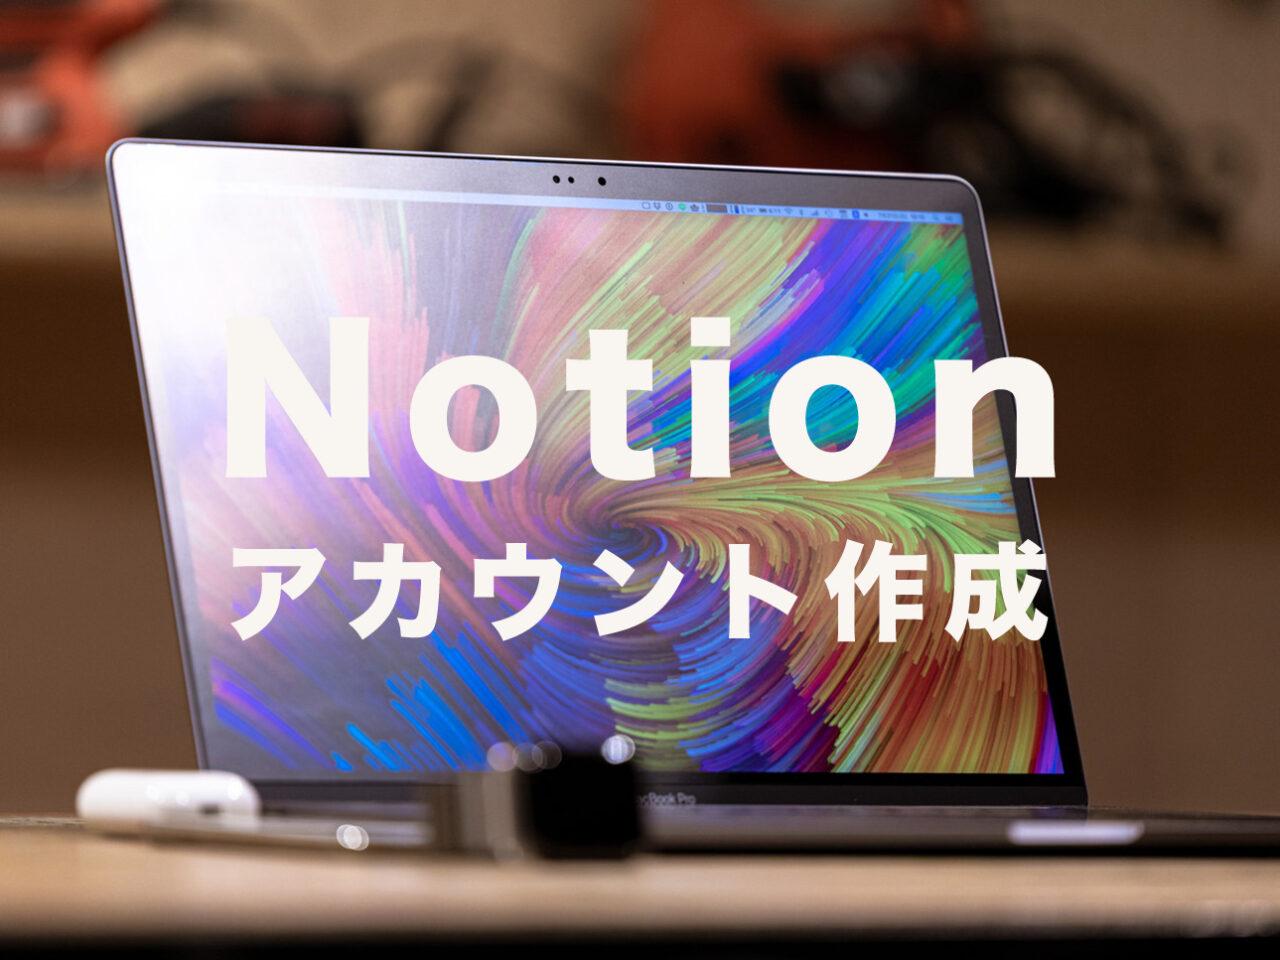 Notion(ノーション)のアカウント作成方法は?作り方を解説!のサムネイル画像